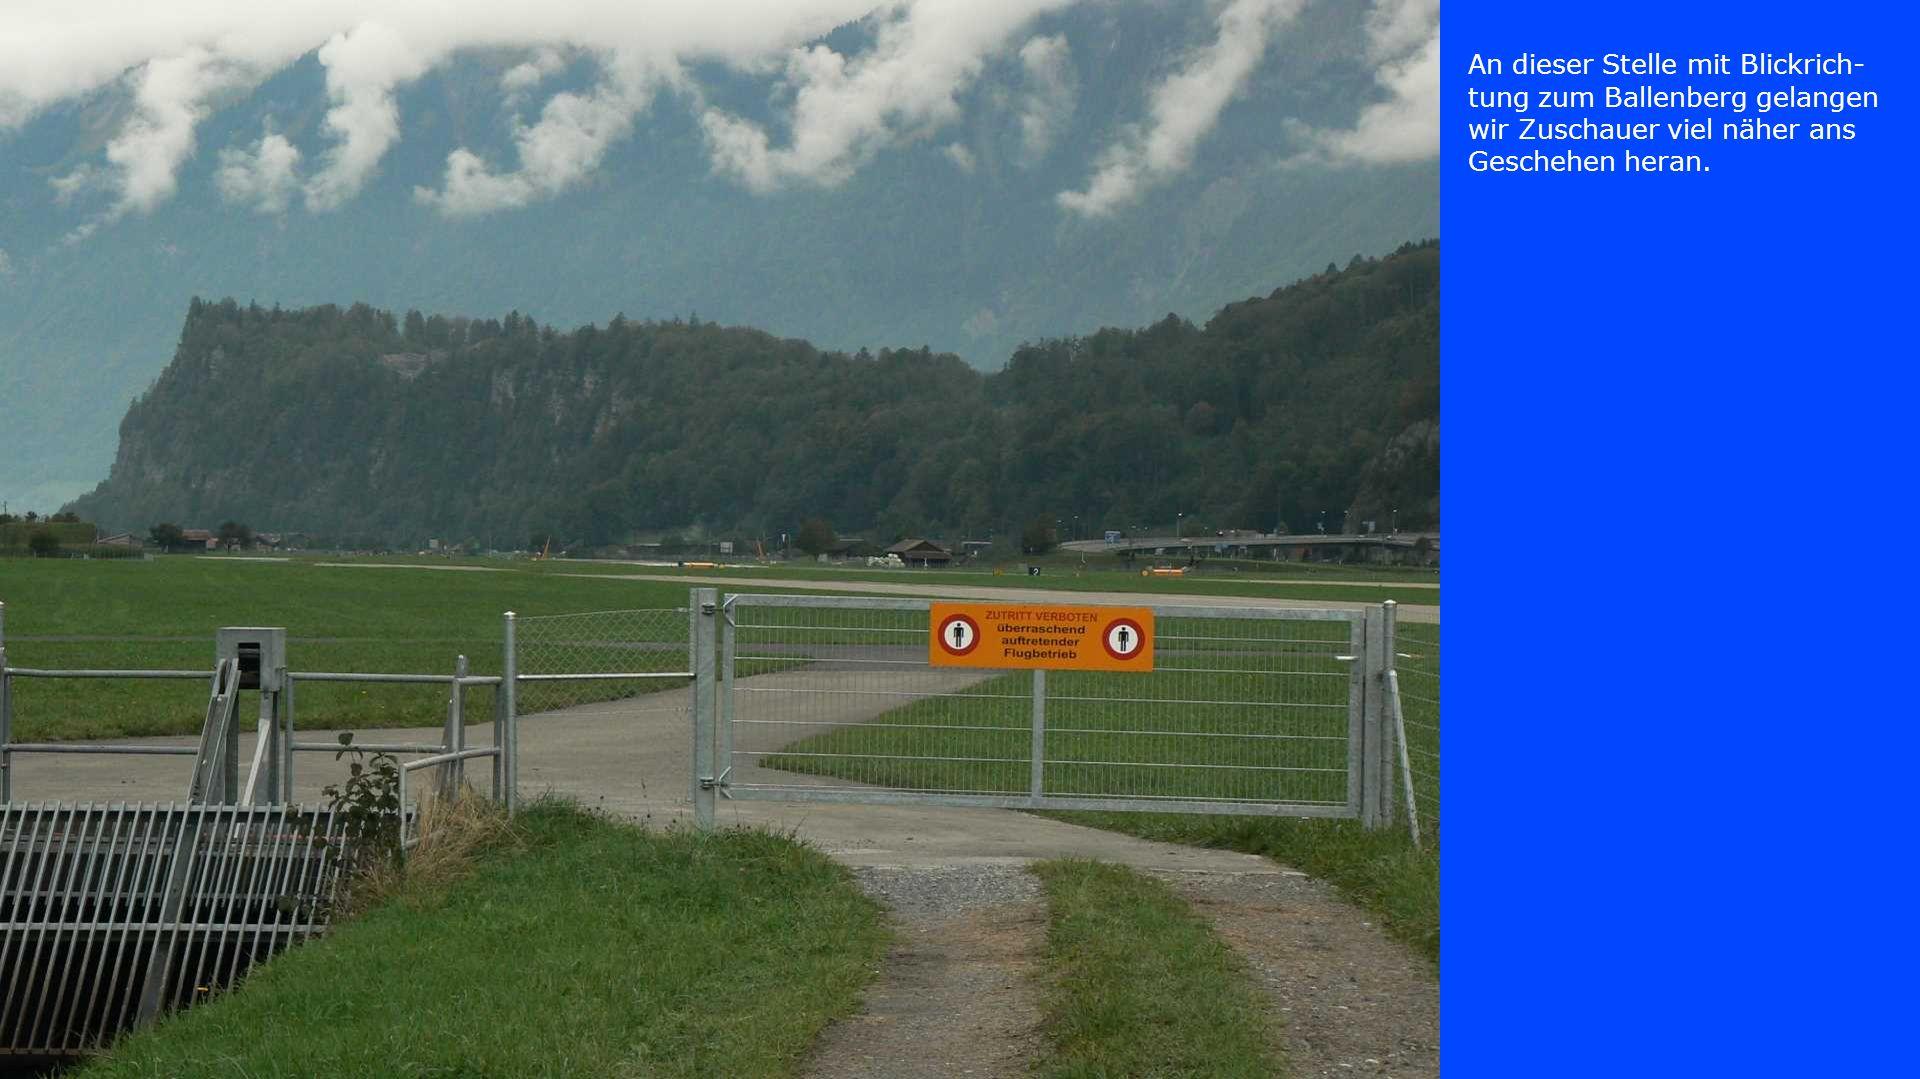 An dieser Stelle mit Blickrich-tung zum Ballenberg gelangen wir Zuschauer viel näher ans Geschehen heran.